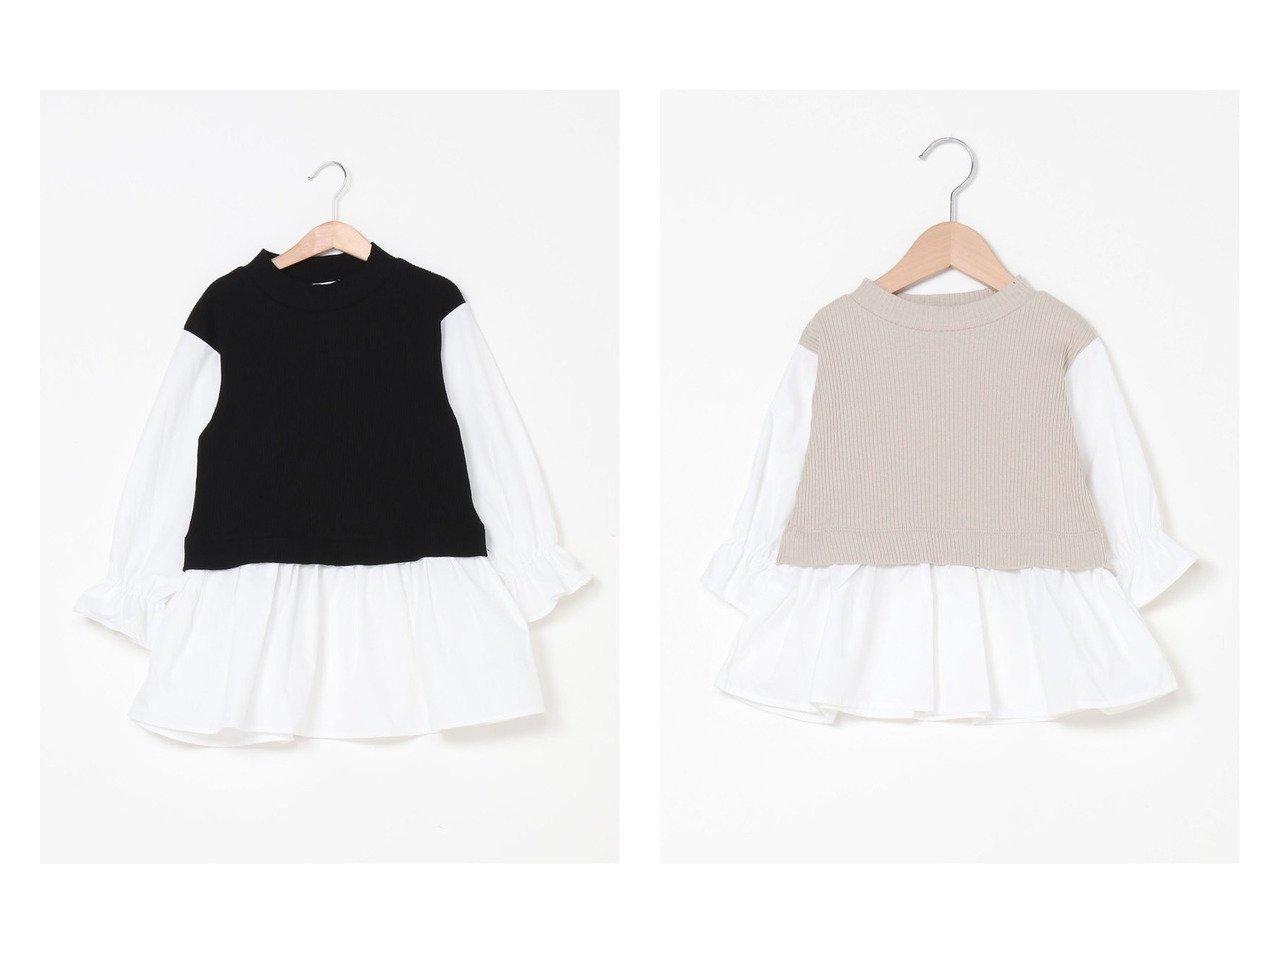 【GLOBAL WORK / KIDS/グローバルワーク】のオシャラク/ドッキングPO 【KIDS】子供服のおすすめ!人気トレンド・キッズファッションの通販  おすすめで人気の流行・トレンド、ファッションの通販商品 メンズファッション・キッズファッション・インテリア・家具・レディースファッション・服の通販 founy(ファニー) https://founy.com/ ファッション Fashion キッズファッション KIDS トップス・カットソー Tops/Tees/Kids おすすめ Recommend カットソー ドッキング ベーシック ロング |ID:crp329100000034862